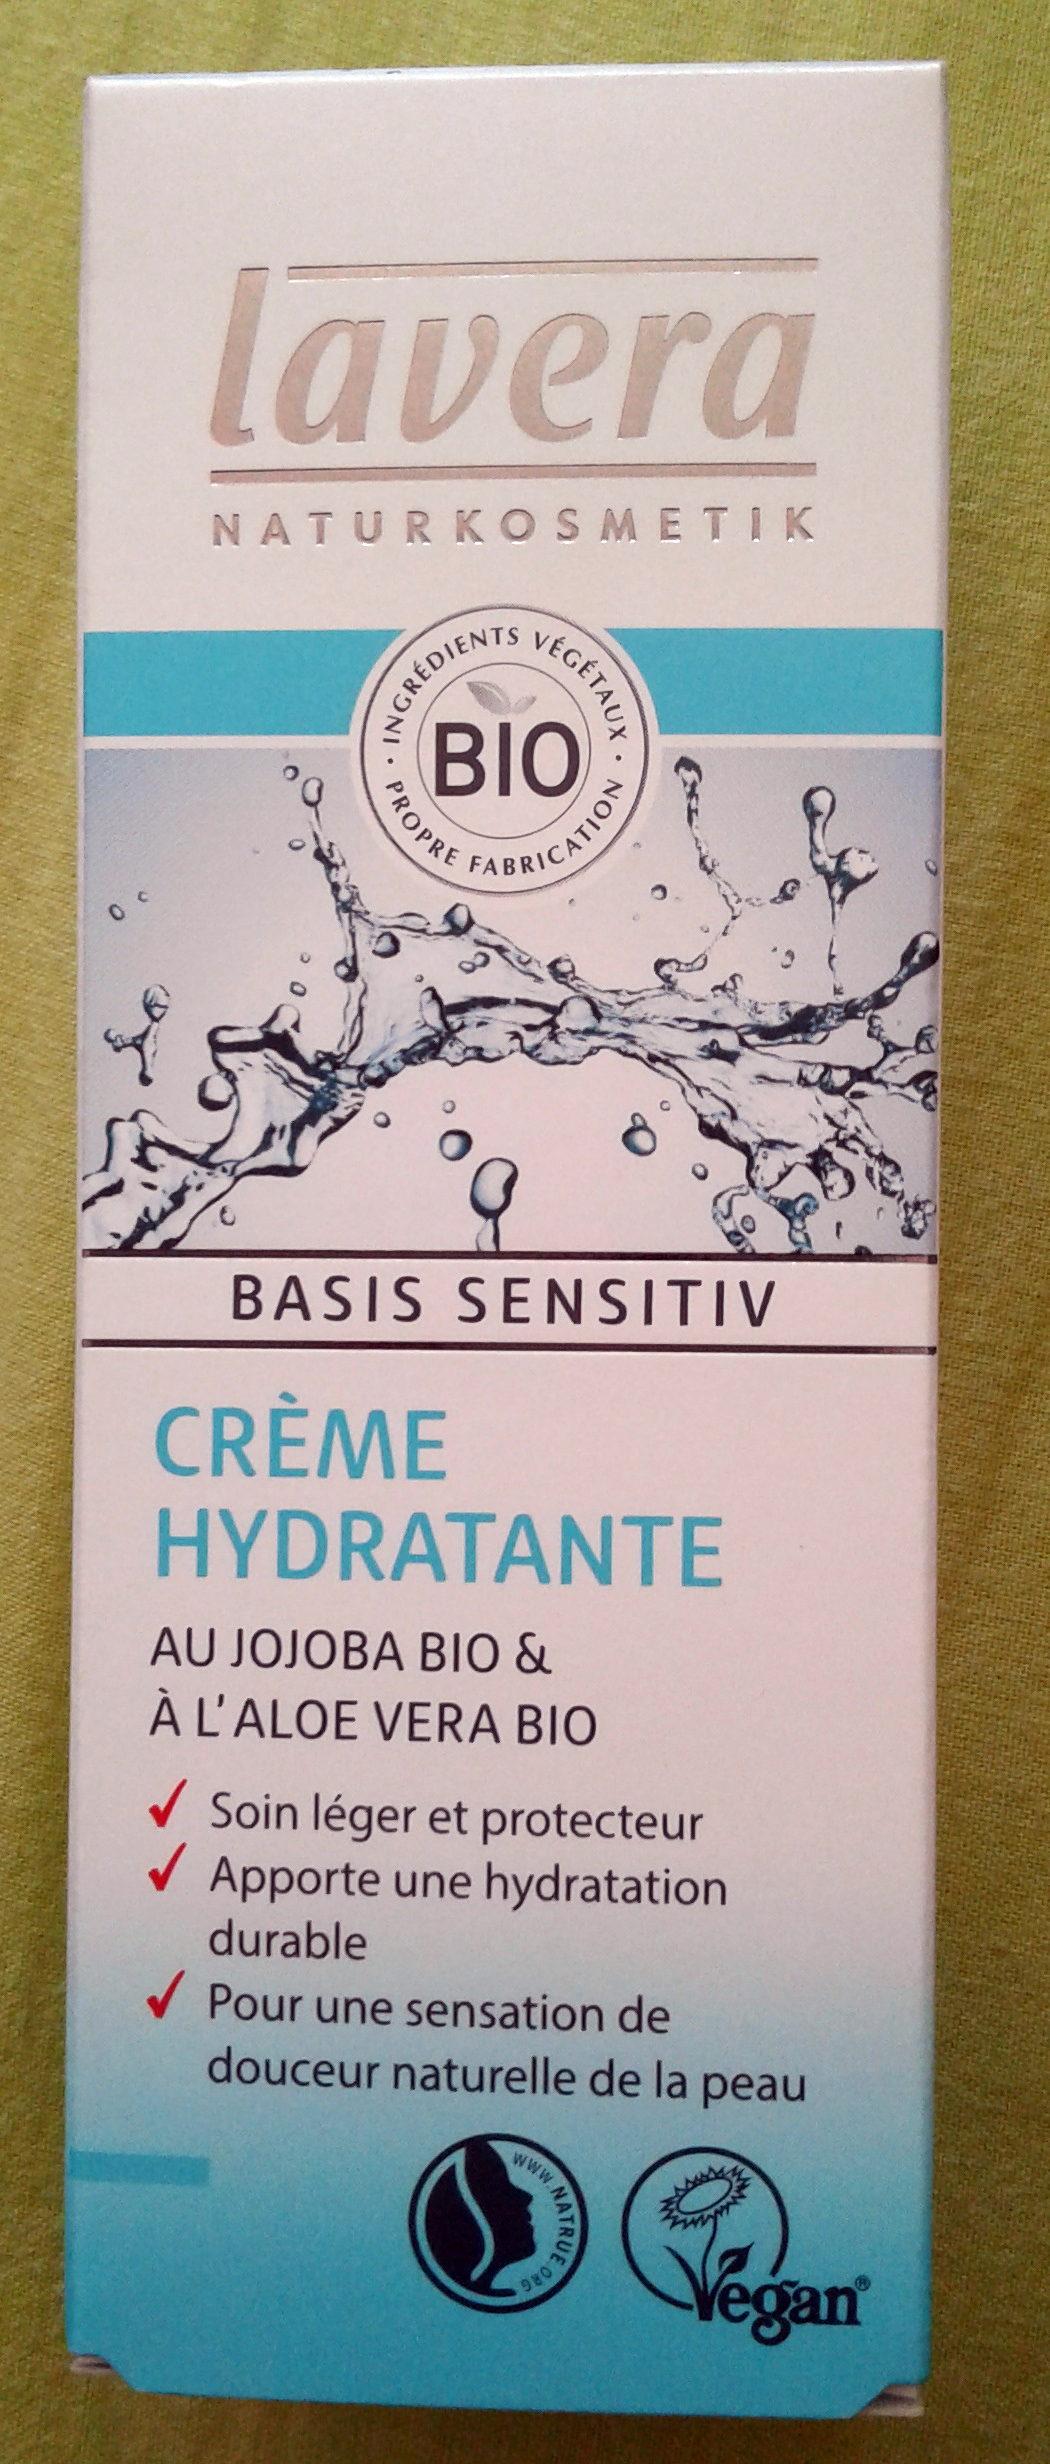 Crème hydratante - Produit